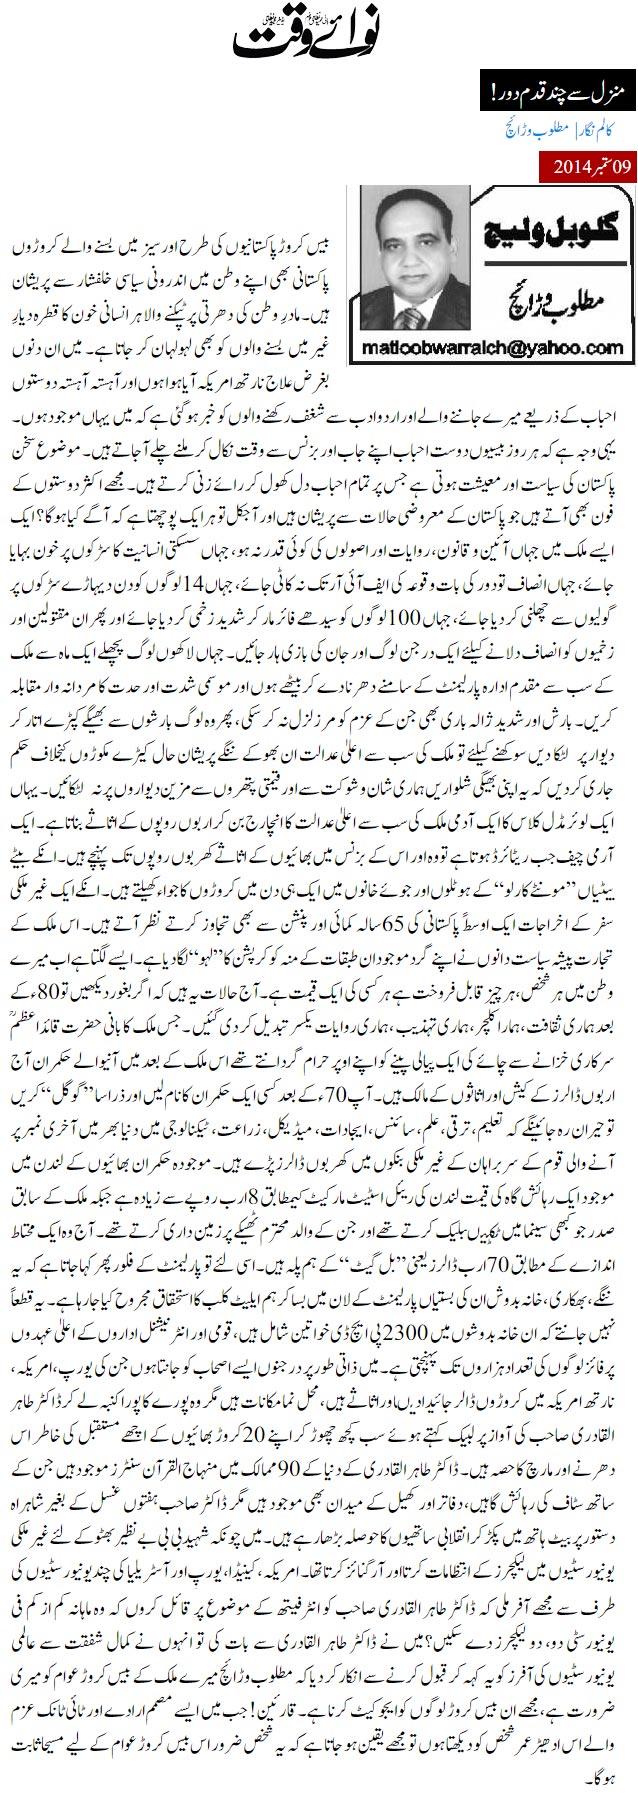 Print Media Coverage Daily Nawa i Waqt - Matloob Warraich